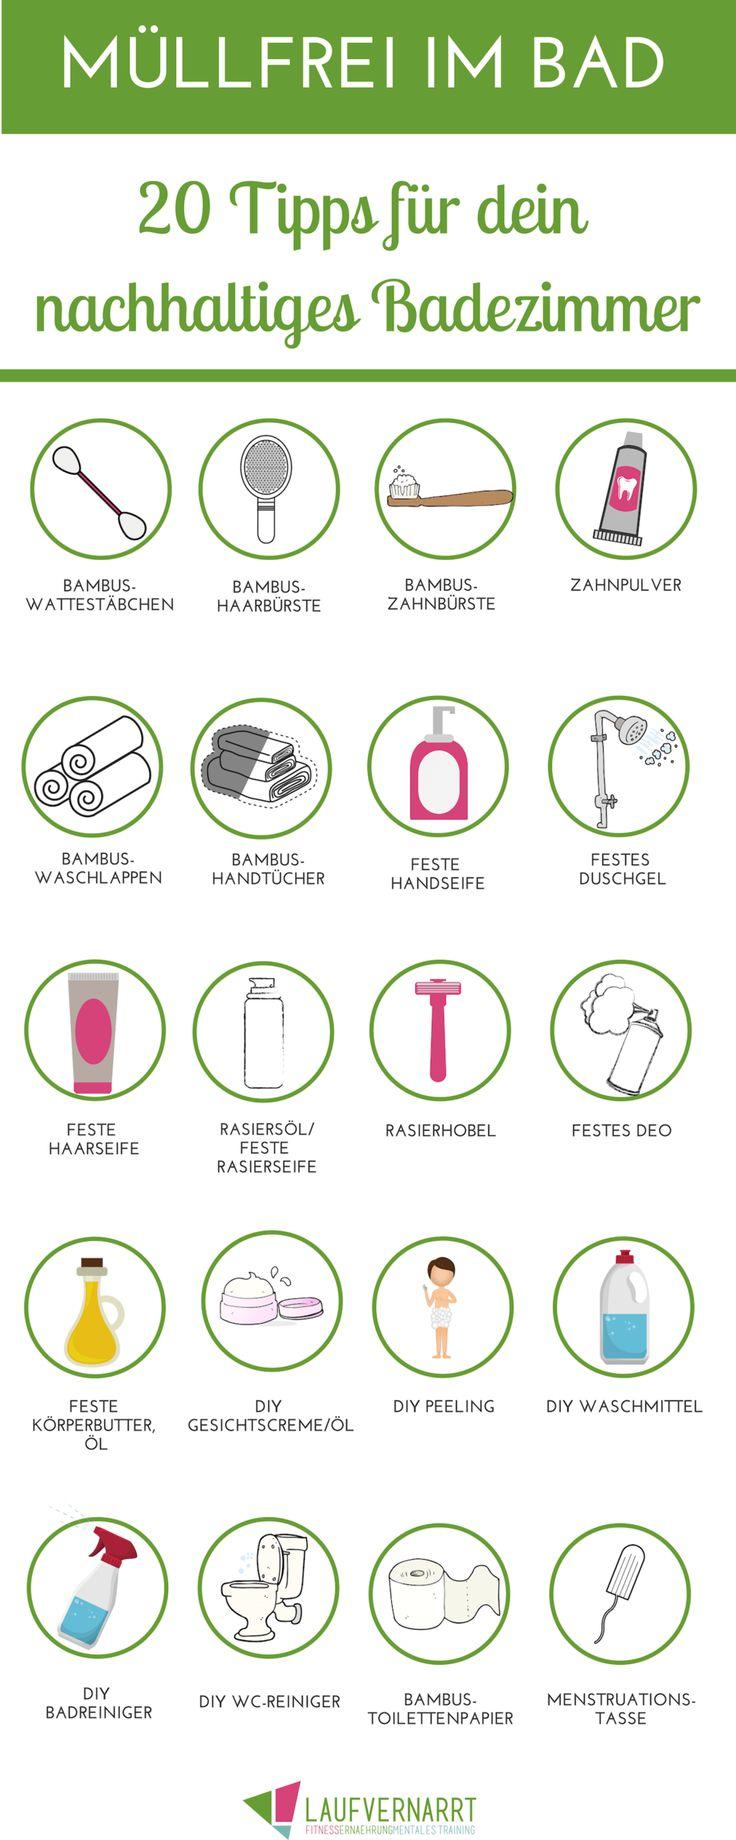 Nachhaltig im Bad – das plastikfreie Badezimmer inkl. Gewinnspiel #keeptheseaplasticfree